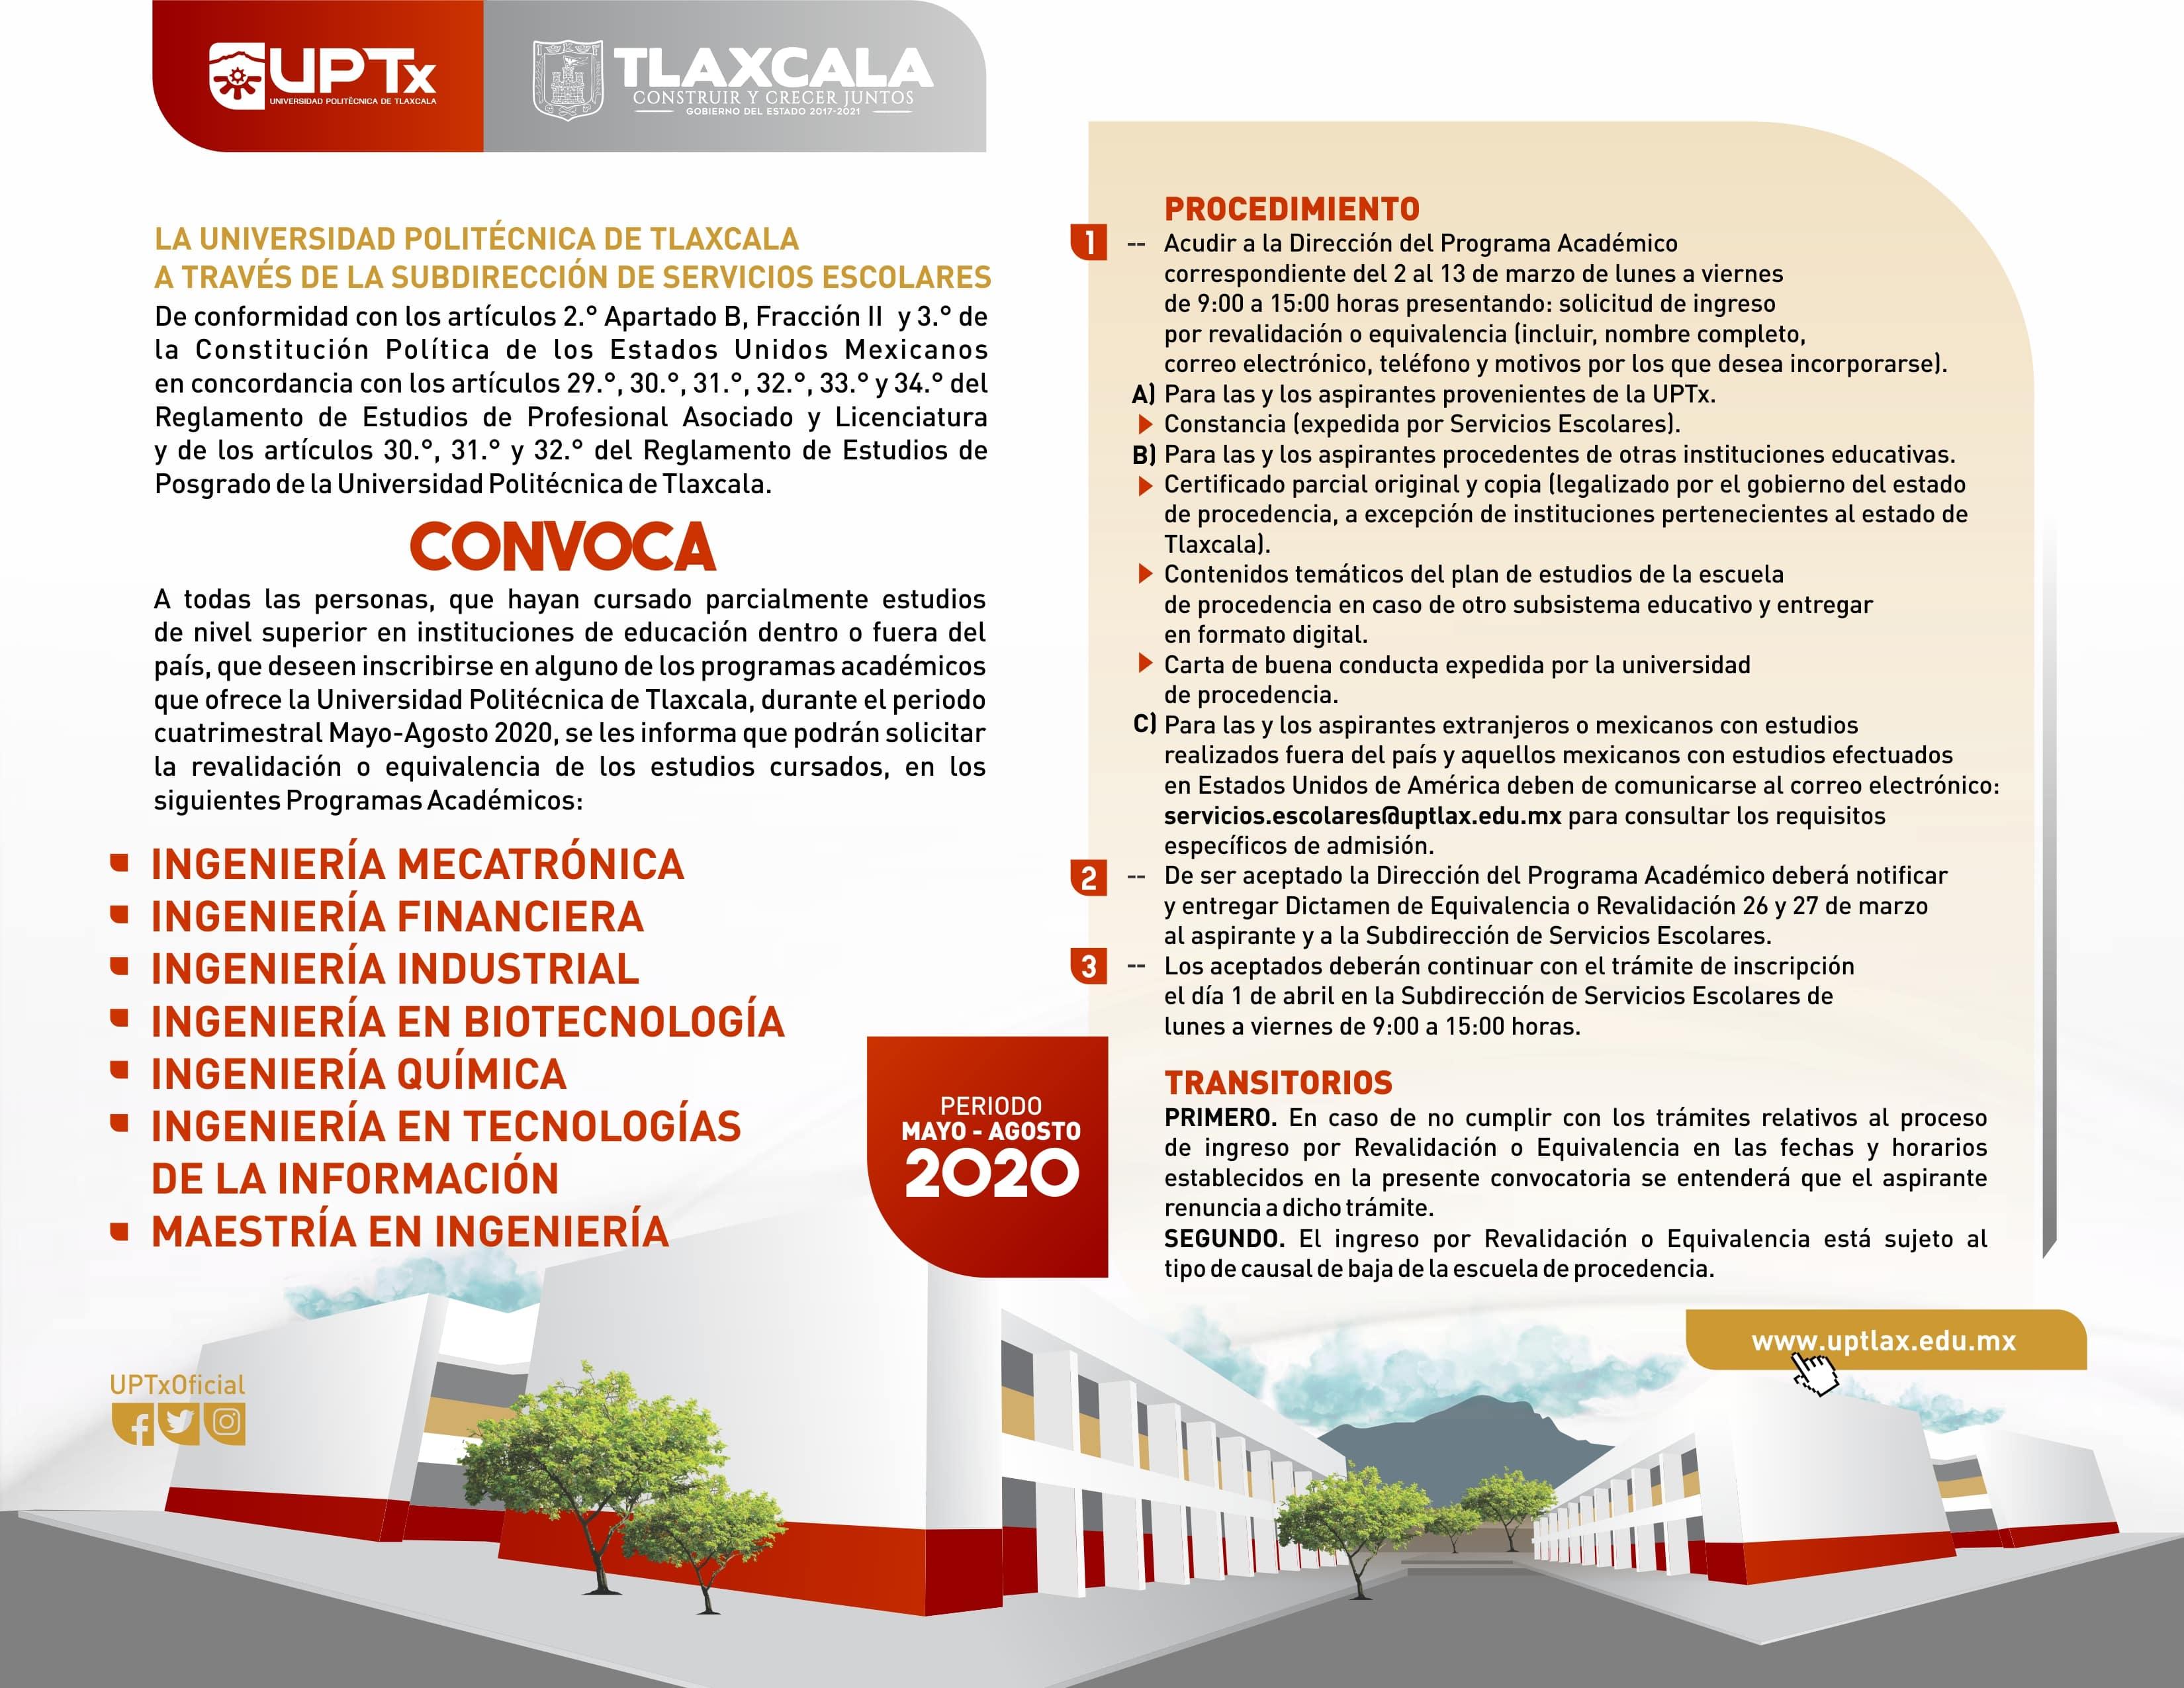 Convocatoria_Equivalencia_Revalidación Mayo-Agosto 2020-min